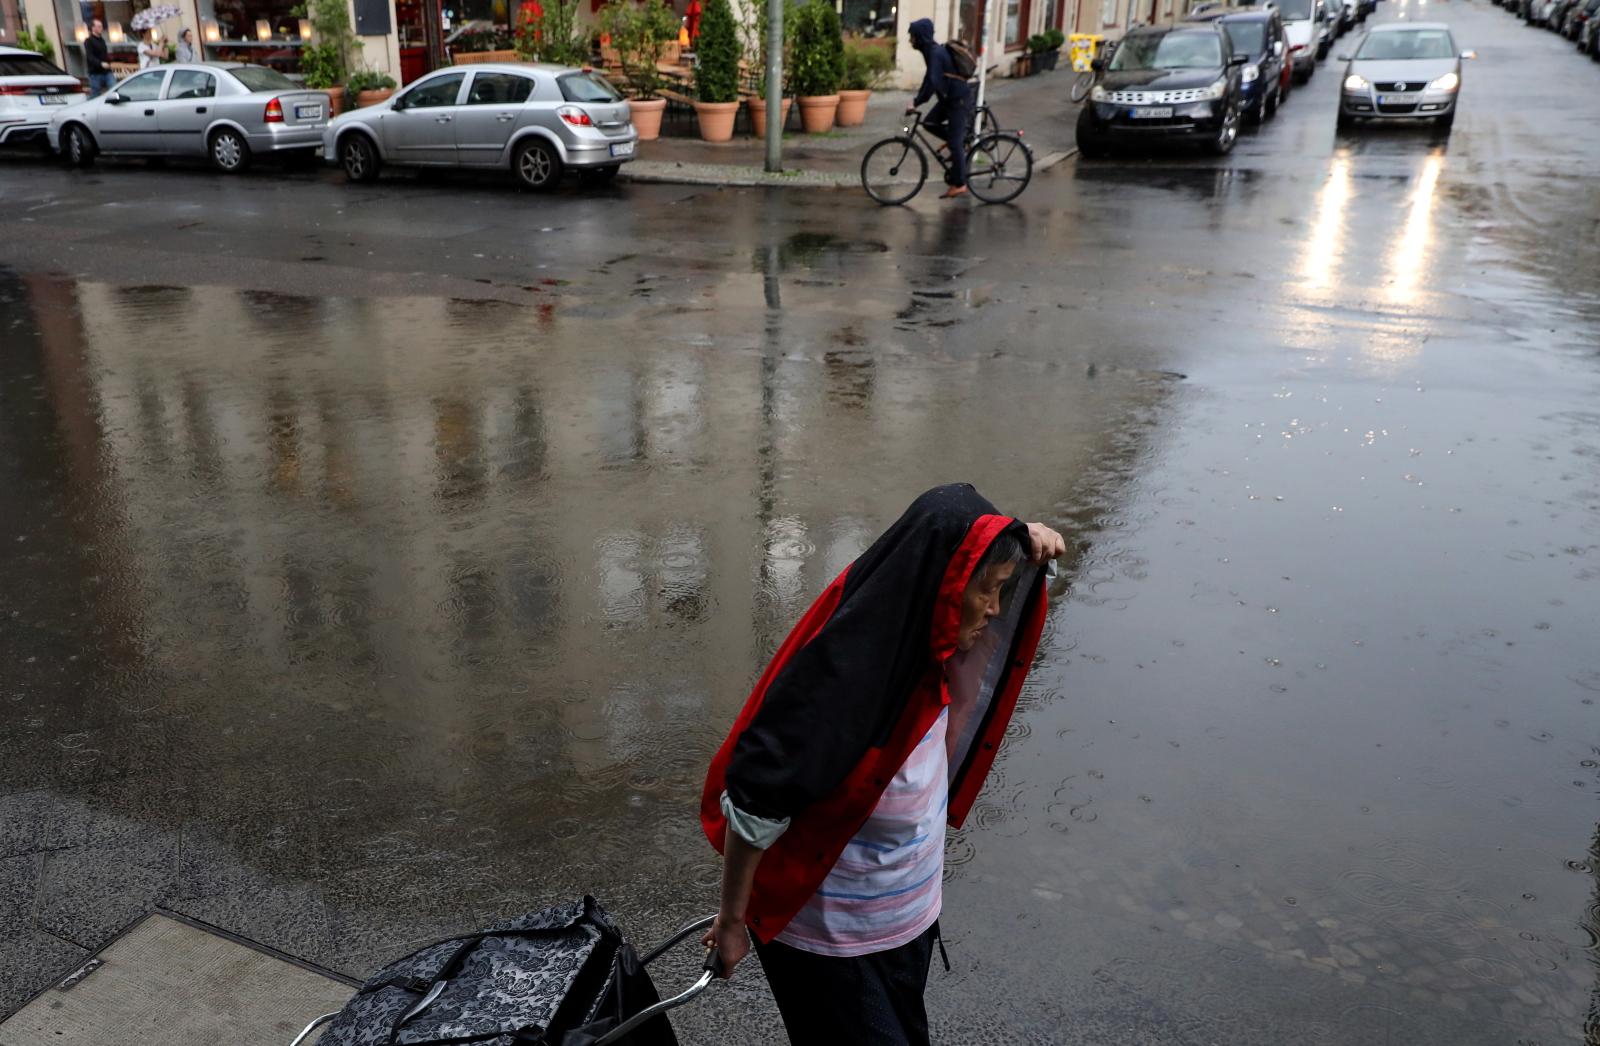 W Berlinie gwałtowne deszcze spowodowały lokalne podtopienia. Fot. EPA/FELIPE TRUEBA